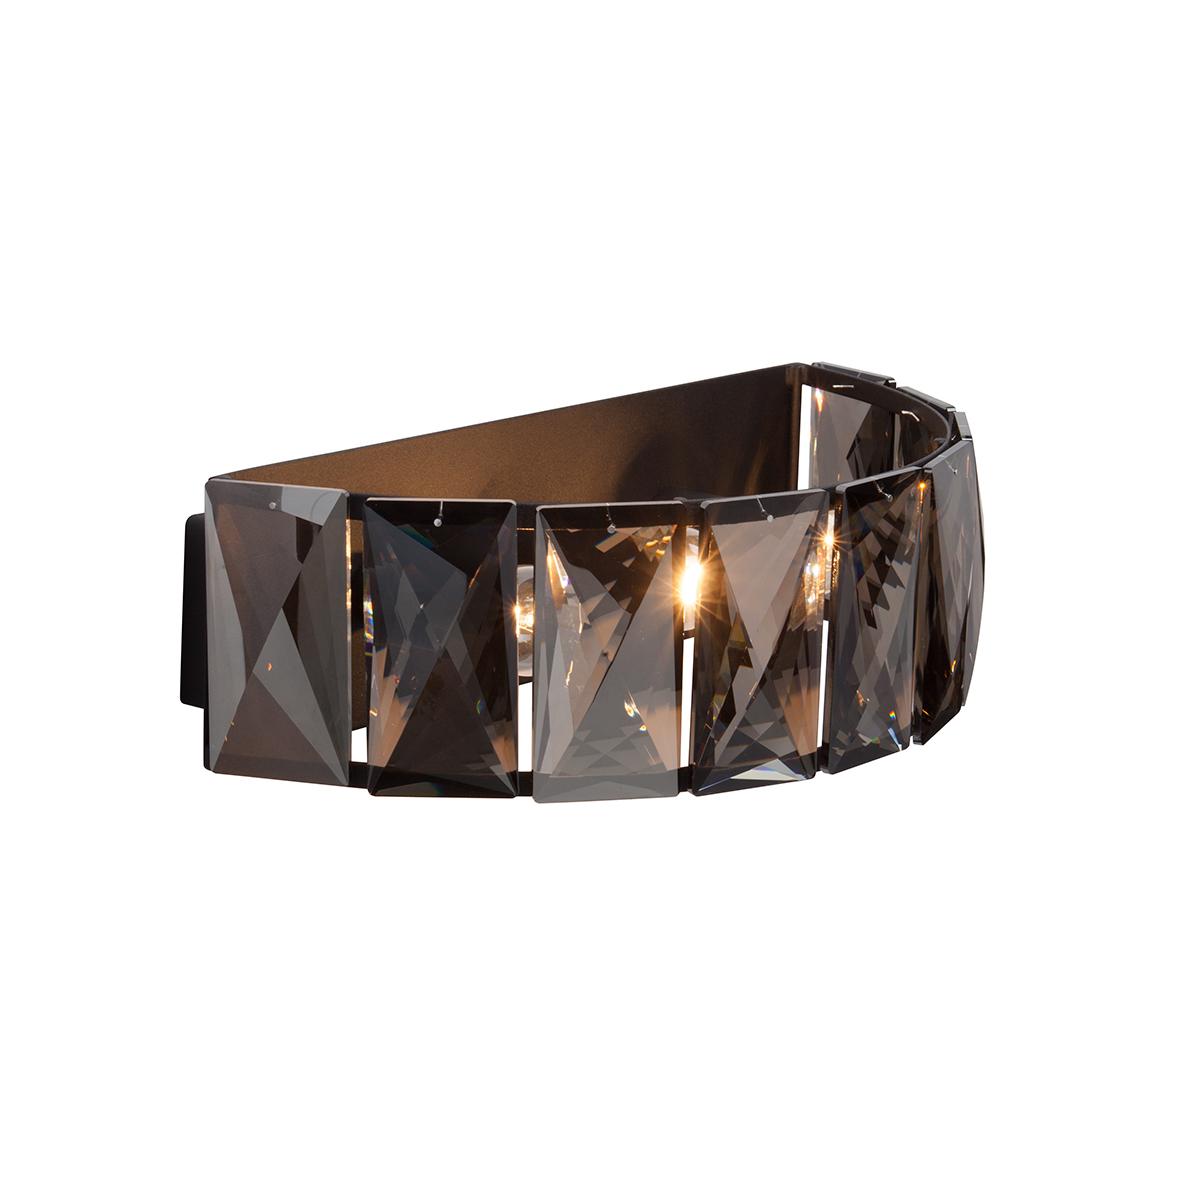 Светильник настенный Vitaluce V5272-1/3A, 3хЕ14 макс. 40Вт подвесной светильник colosseo 80919 3a mario